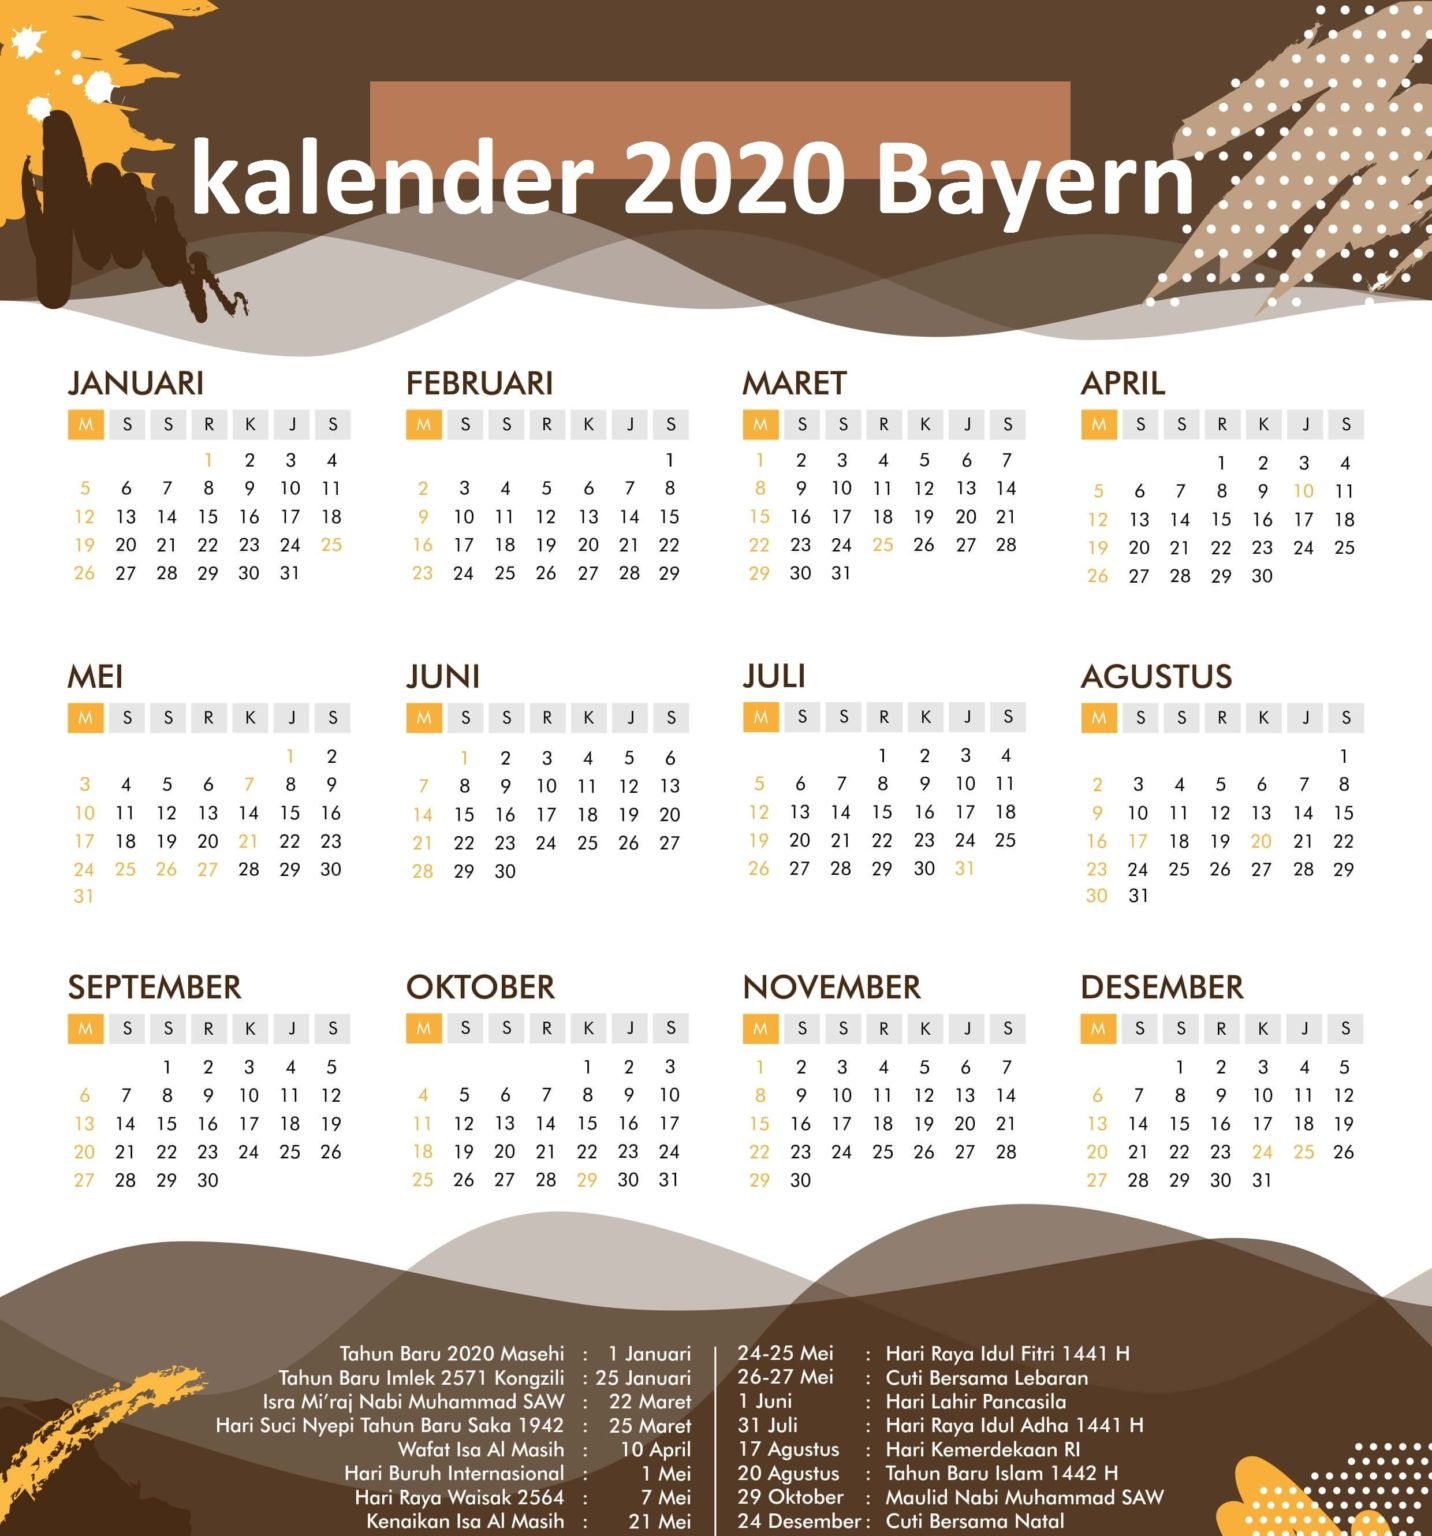 Jahreskalender 2020 Bayern Zum Ausdrucken